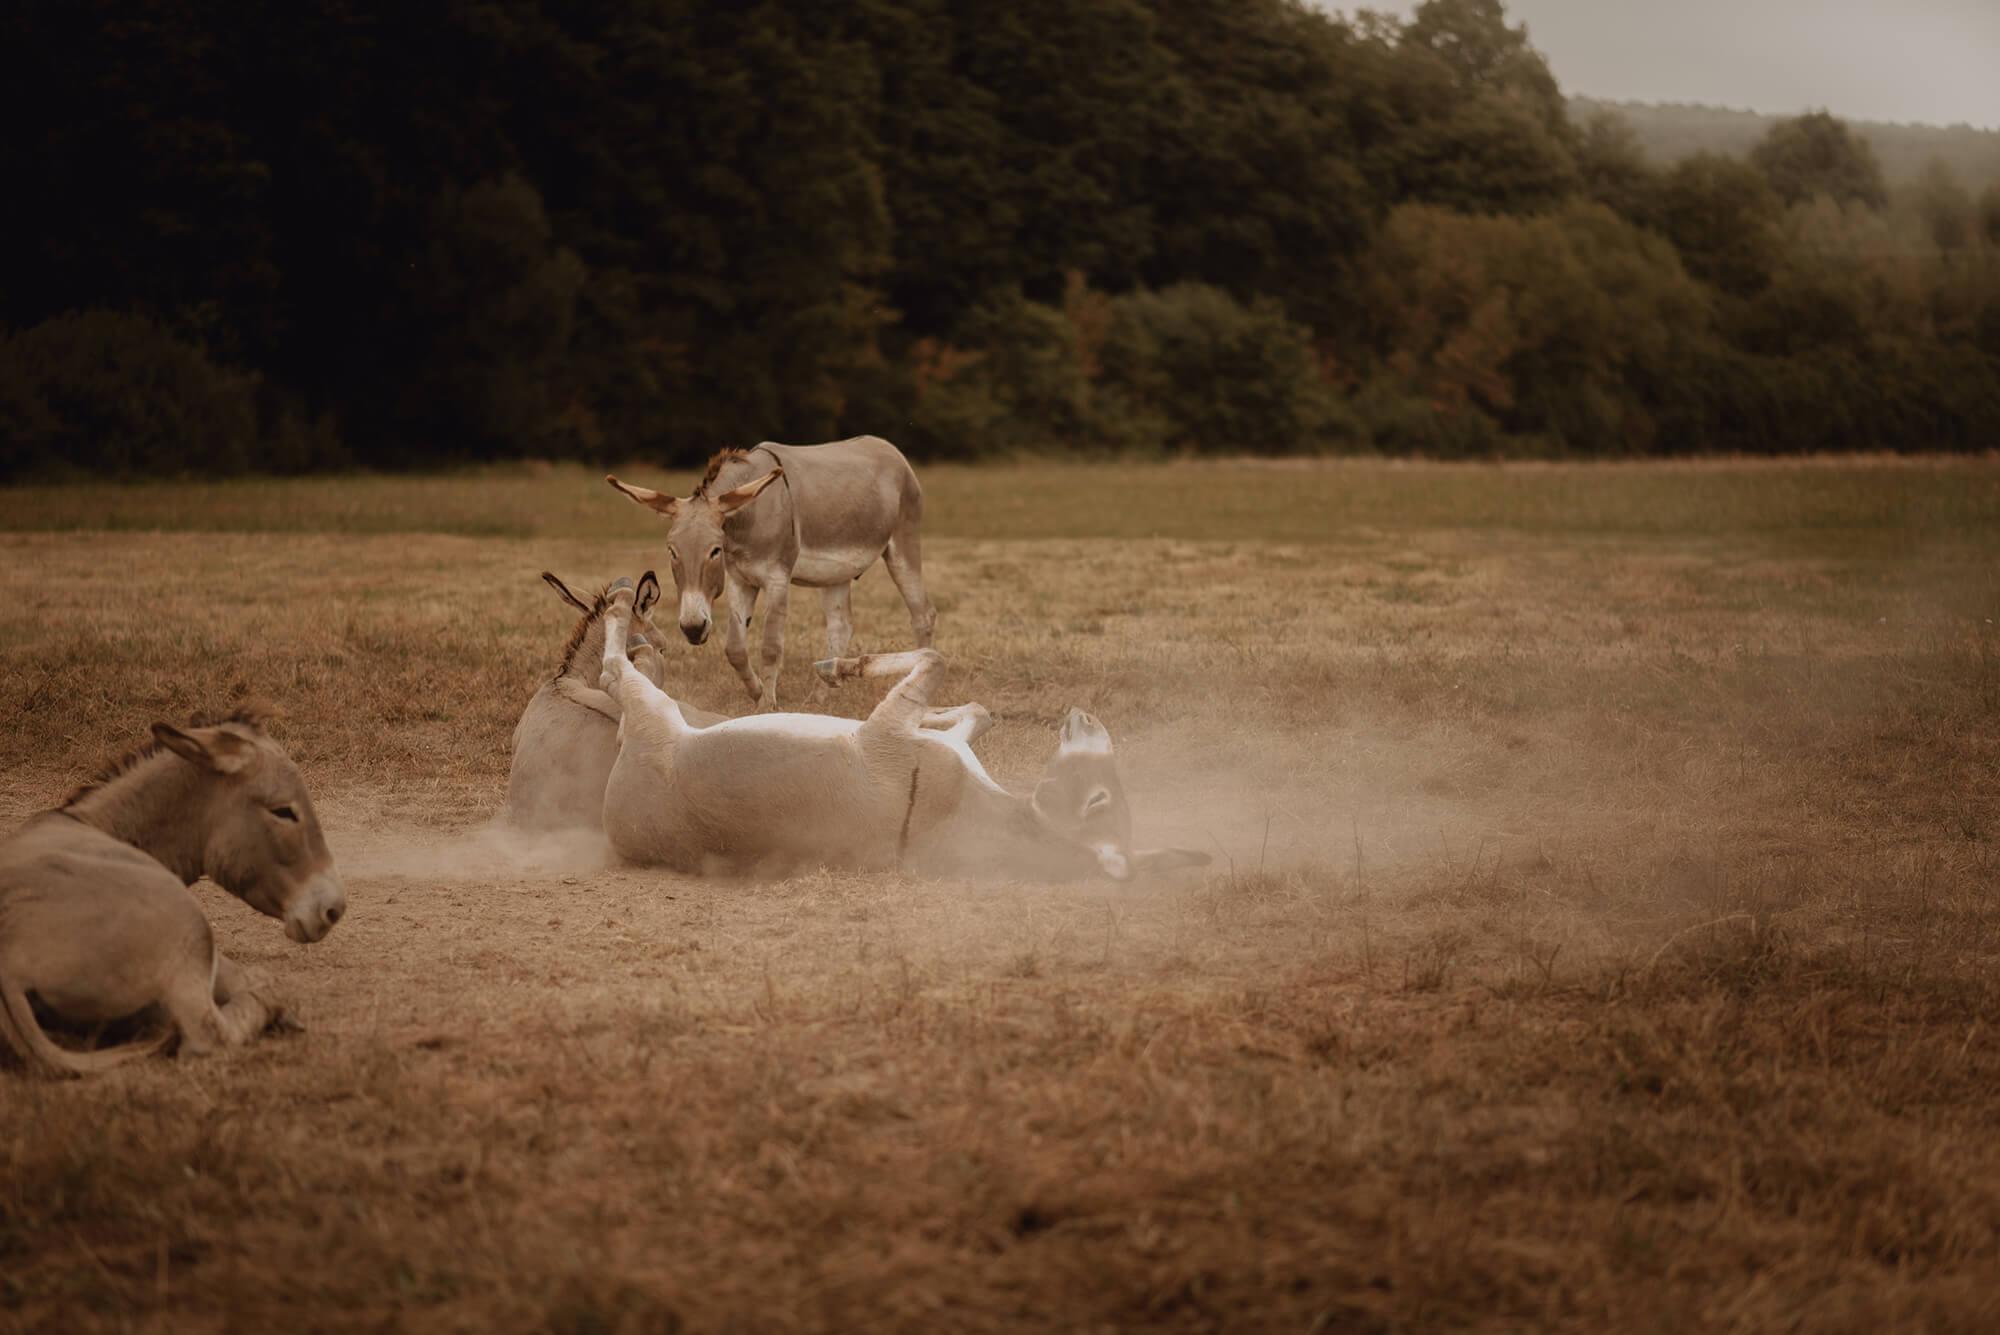 Sesja narzeczenska z osiolkami00036 - Kinga + Waldek | sesja narzeczeńska na farmie osiołków